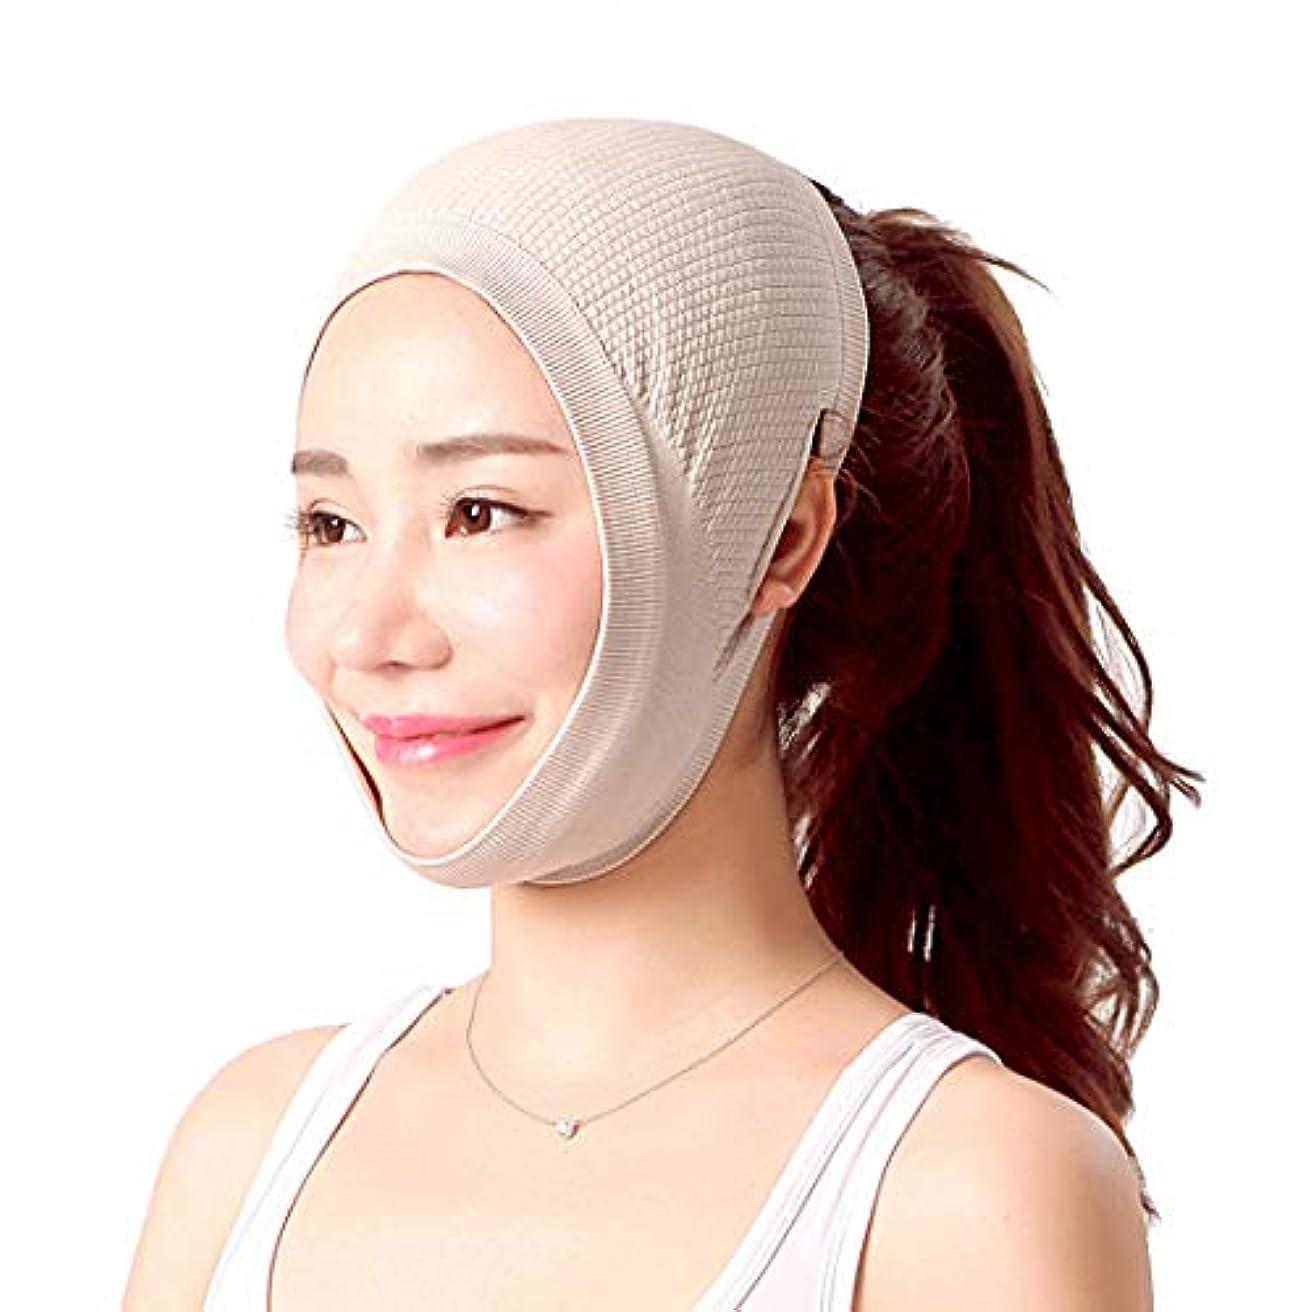 回路受け取る彼ZWBD フェイスマスク, 減量の包帯を取除くために皮の包帯、二重あごをきつく締めるための顔の包帯が付いている顔の減量のマスクは調節することができます